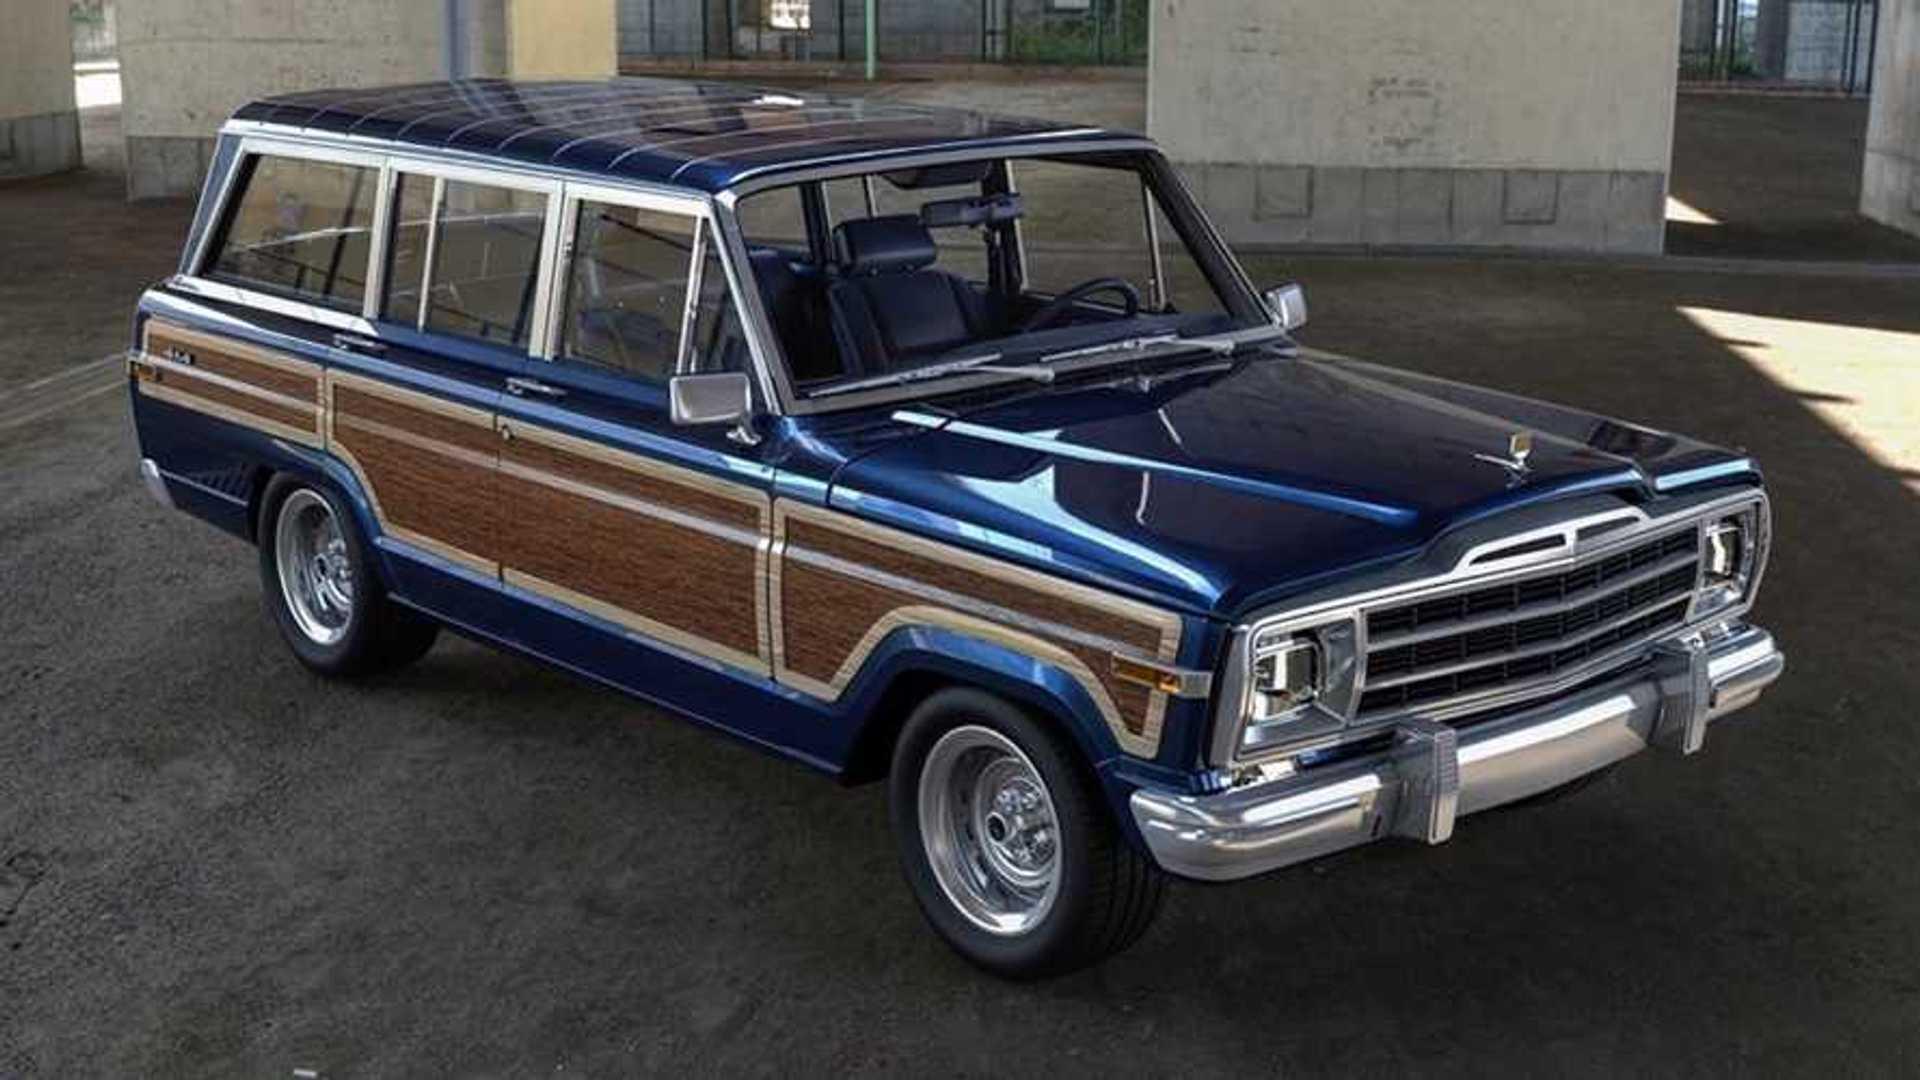 Jeep Grand Wagoneer >> This Jeep Grand Wagoneer Trackhawk Rendering Might Happen